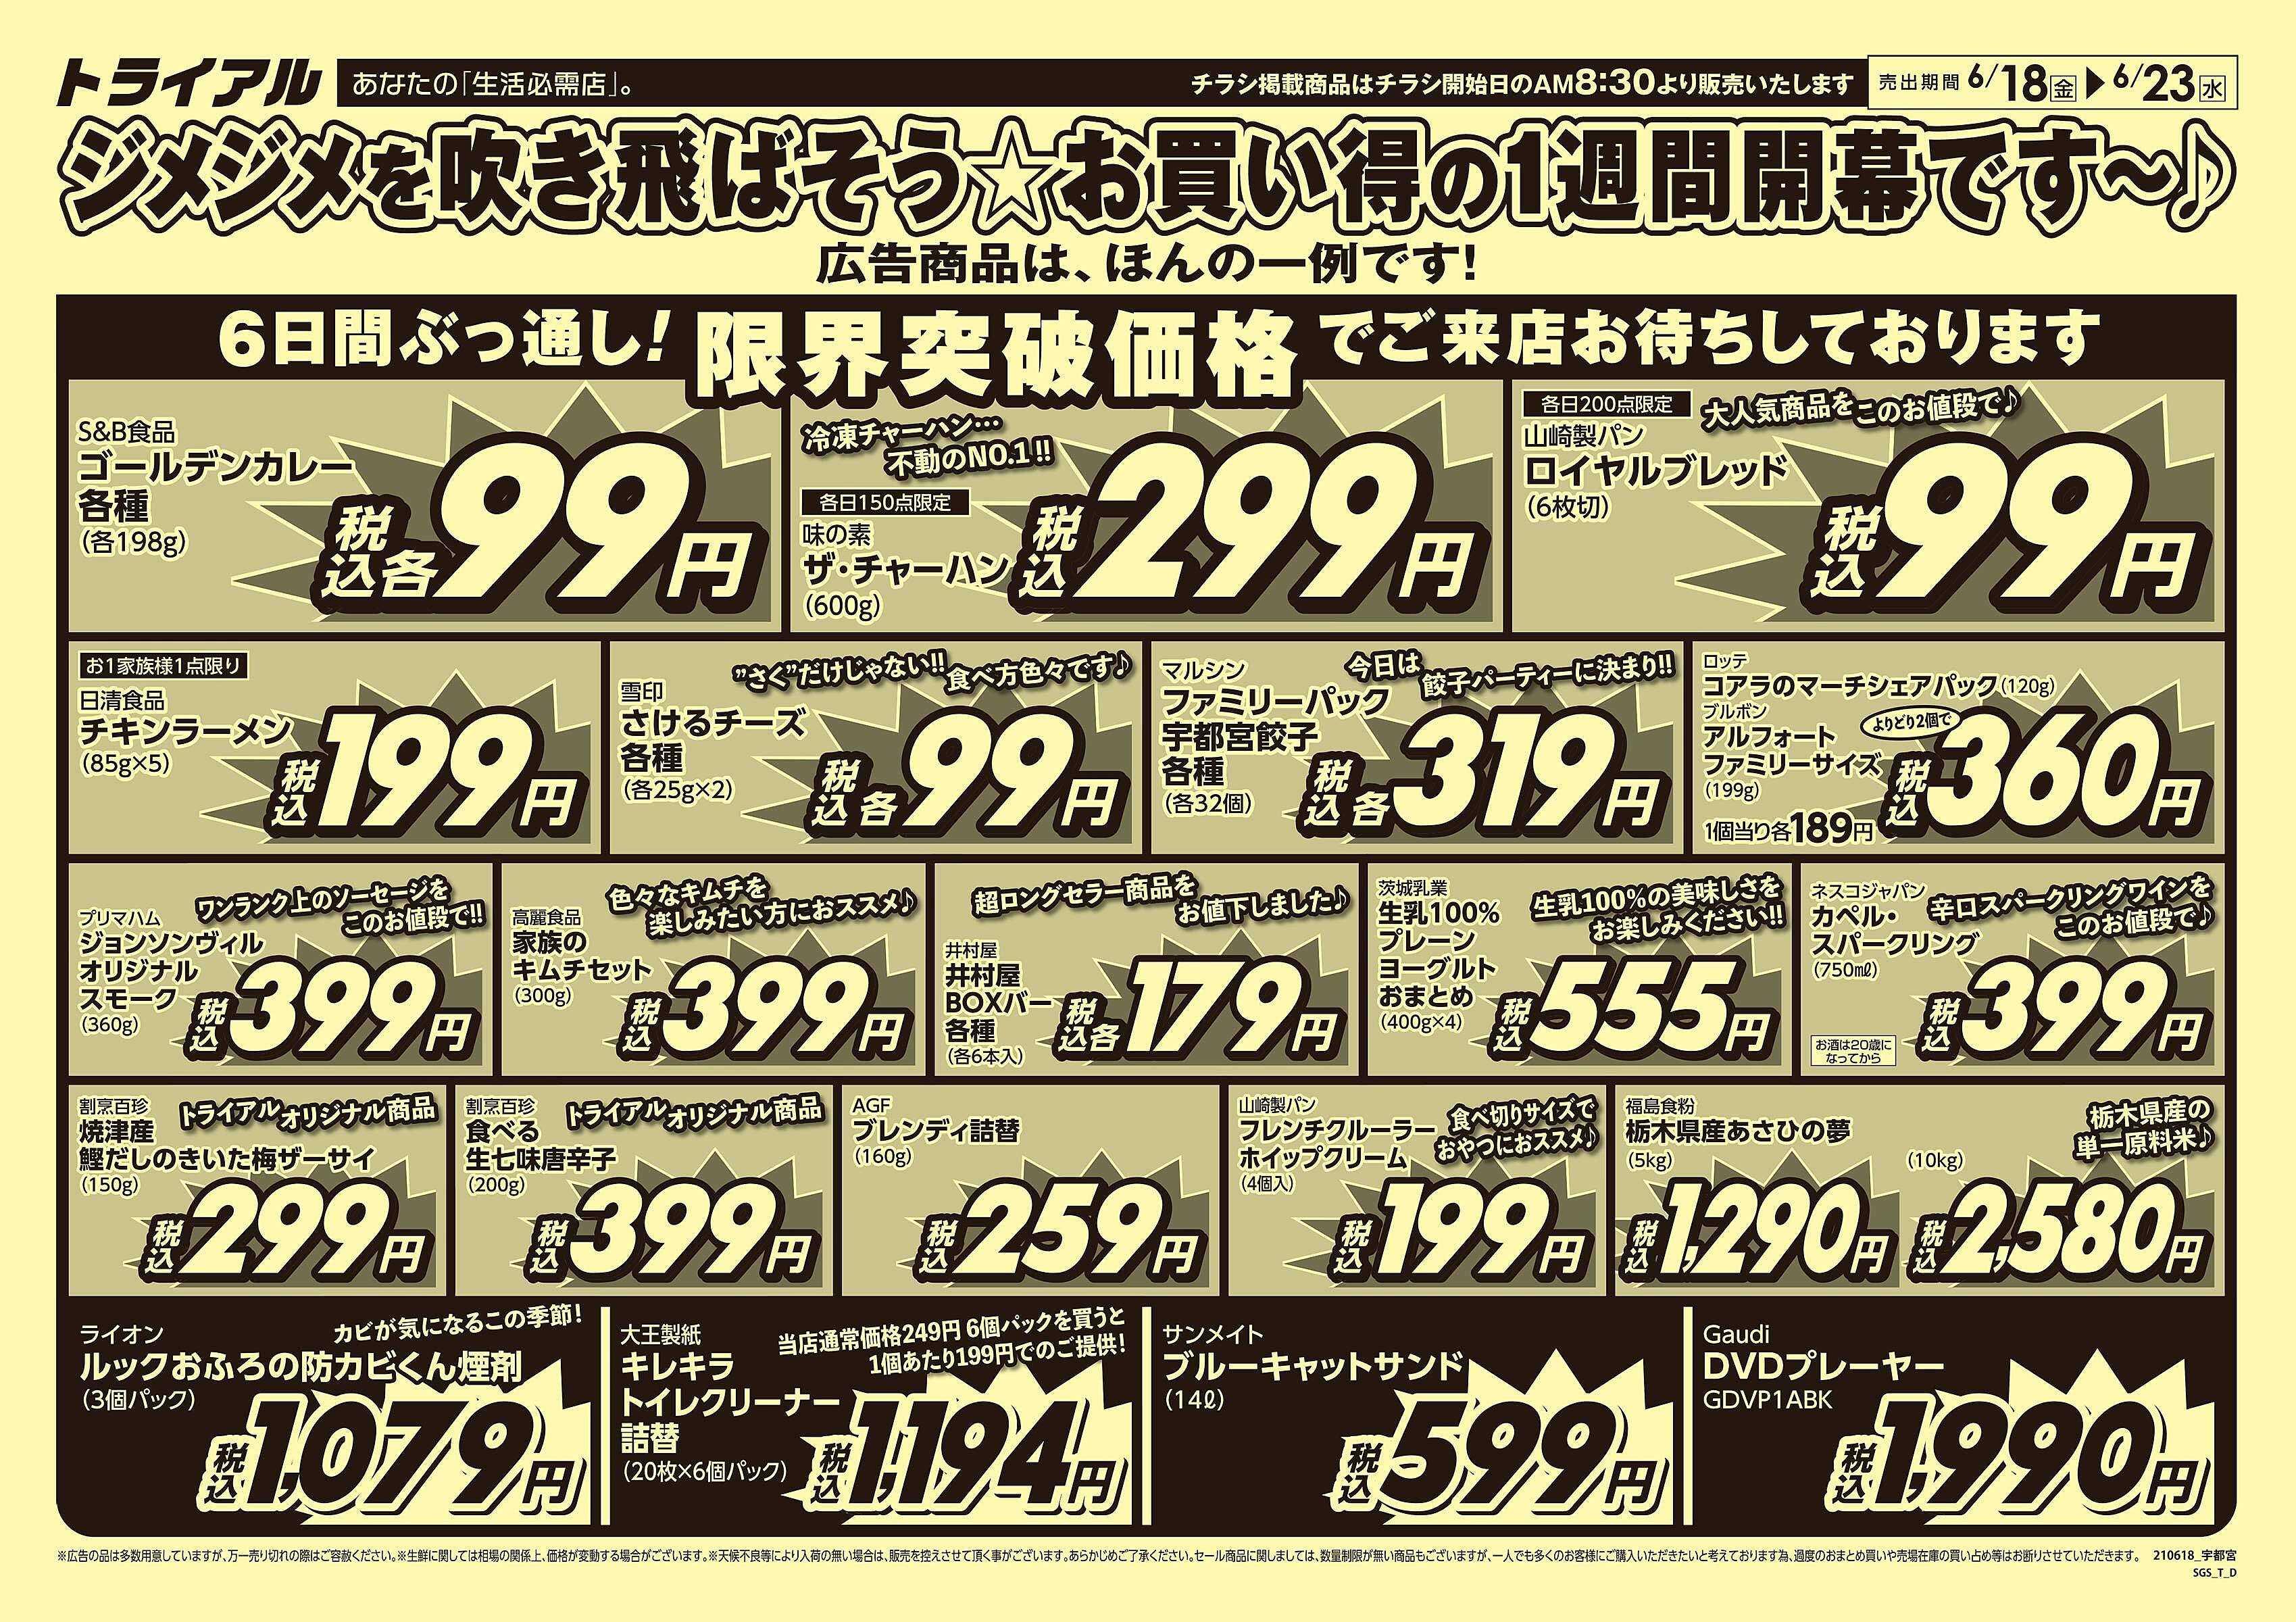 スーパーセンタートライアル 6/18号 宇都宮店